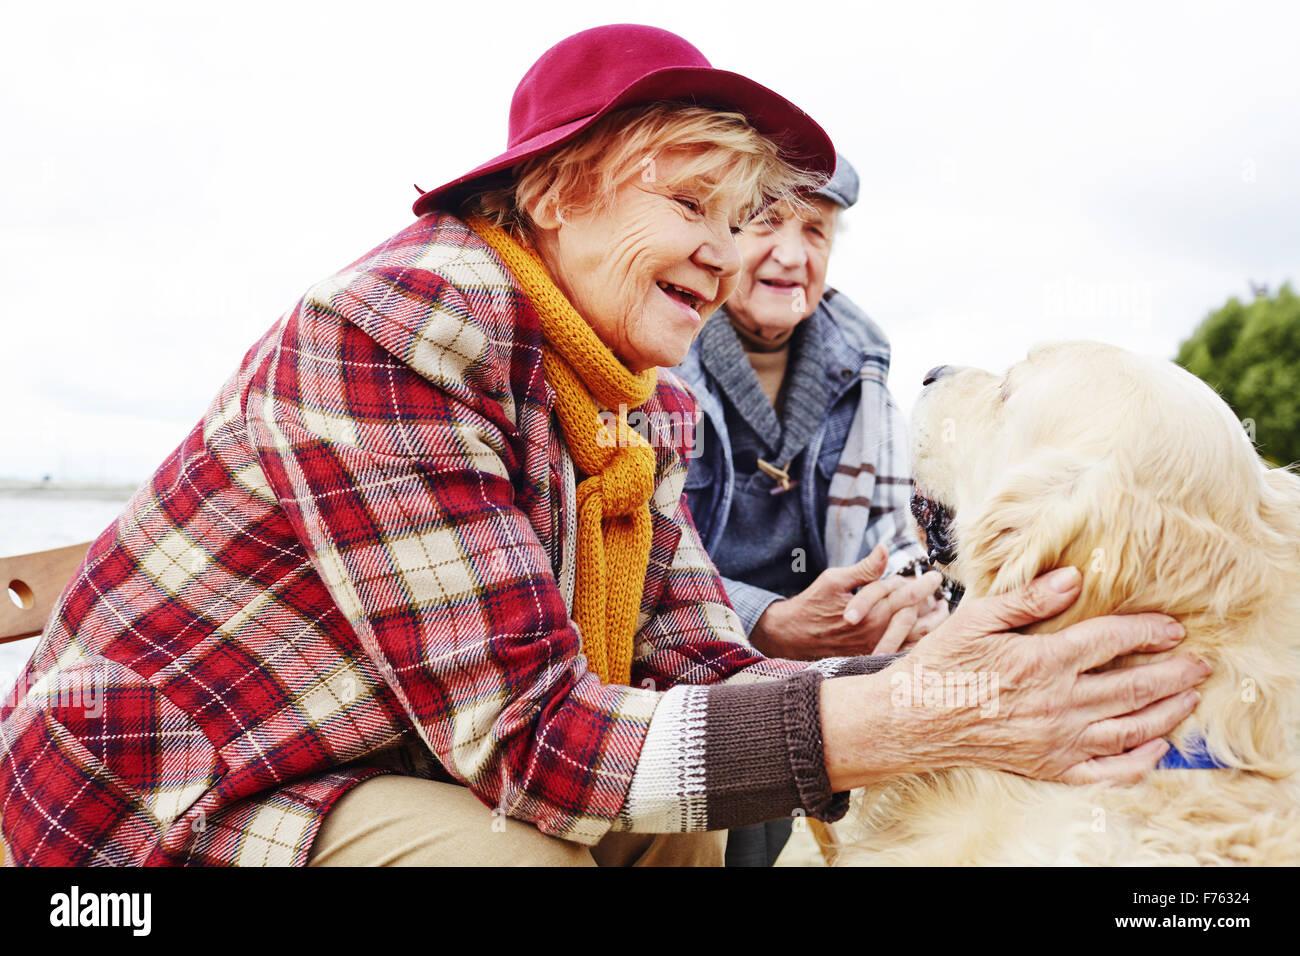 Retired female cuddling dog outdoors - Stock Image